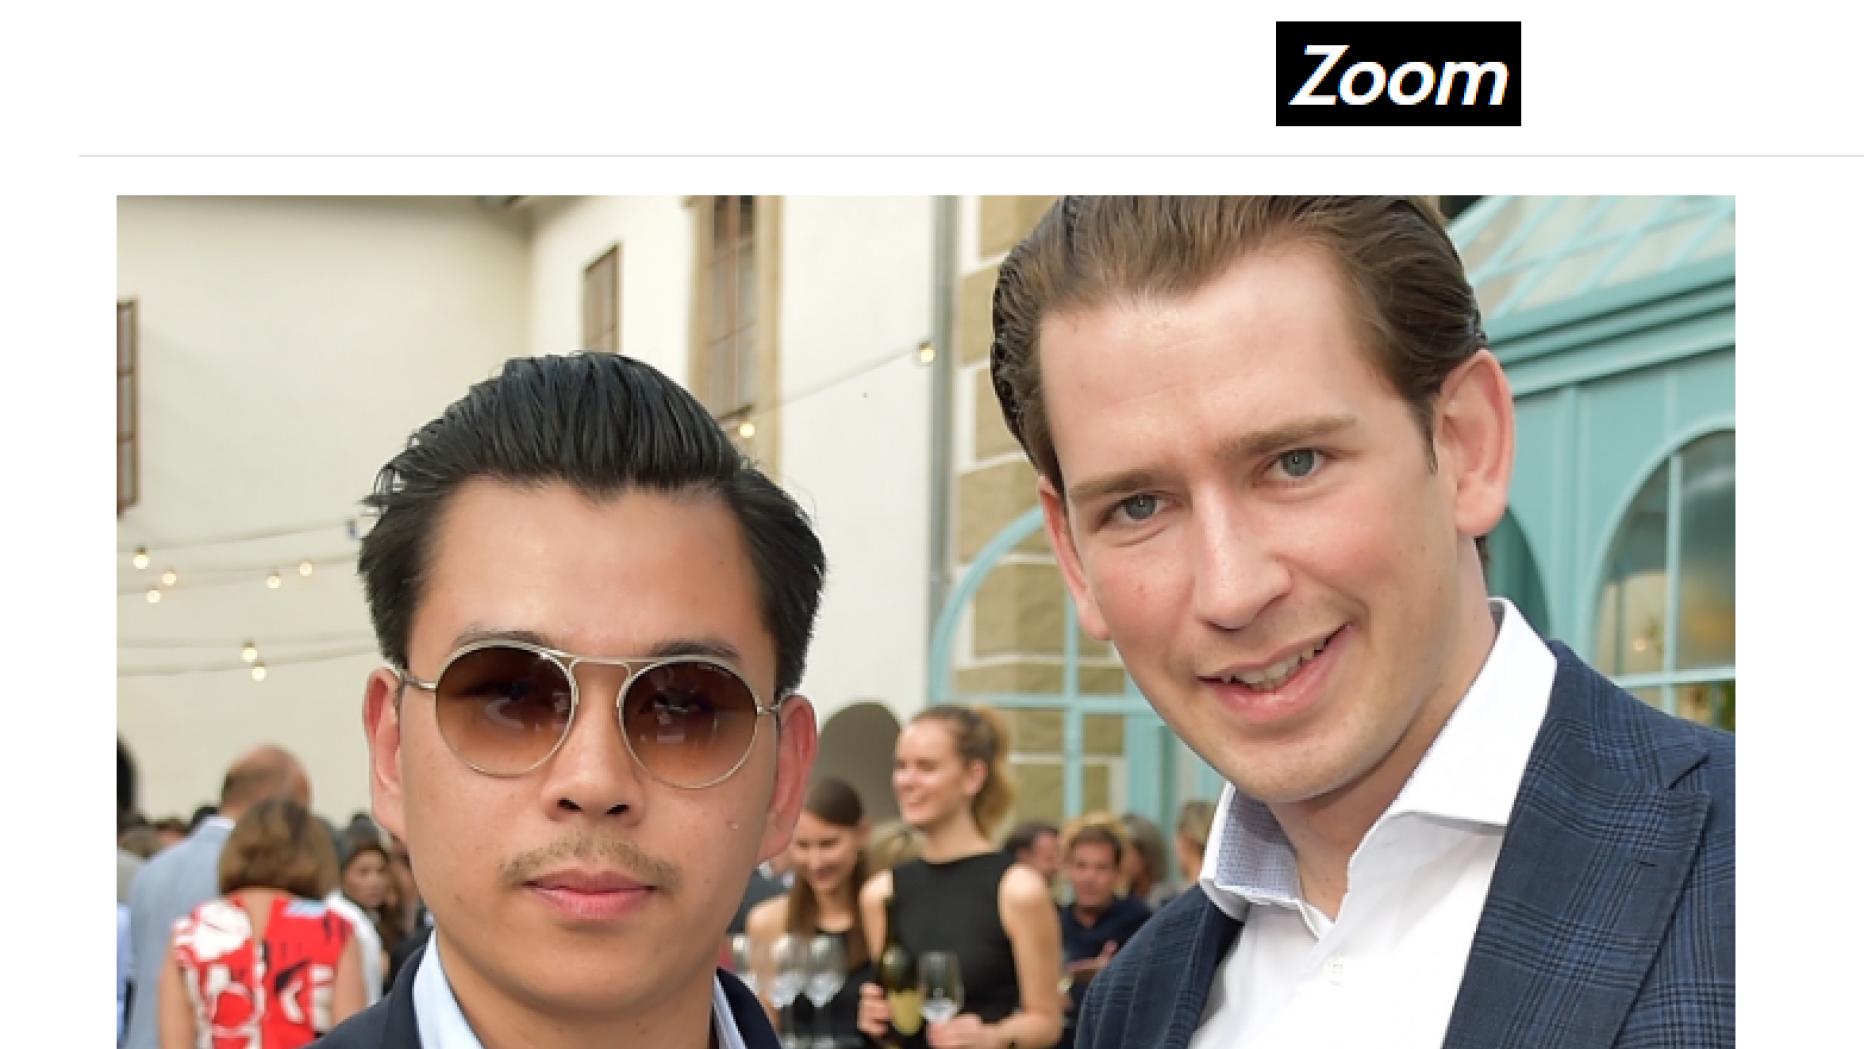 Zoom partnersuche